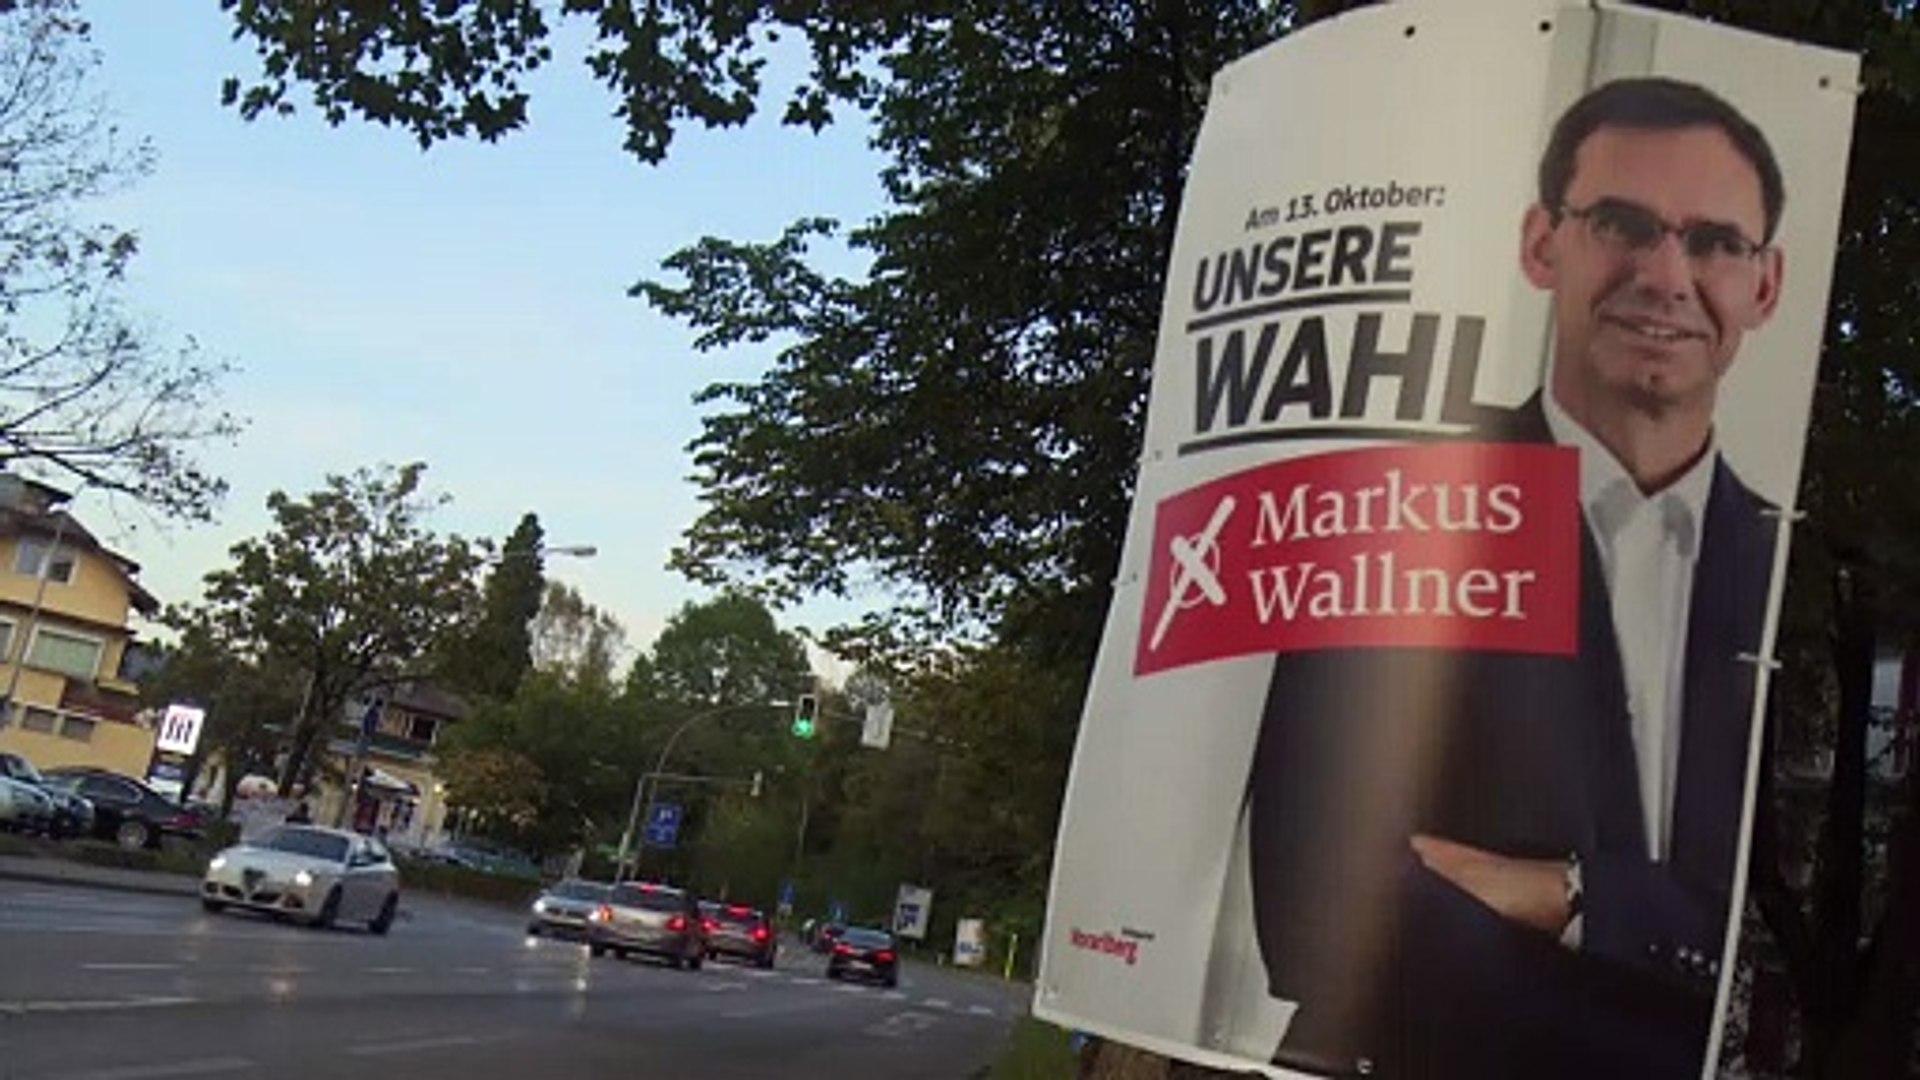 Landtagswahl in Vorarlberg: Schwarz-grüner Sieg, Absturz von FPÖ